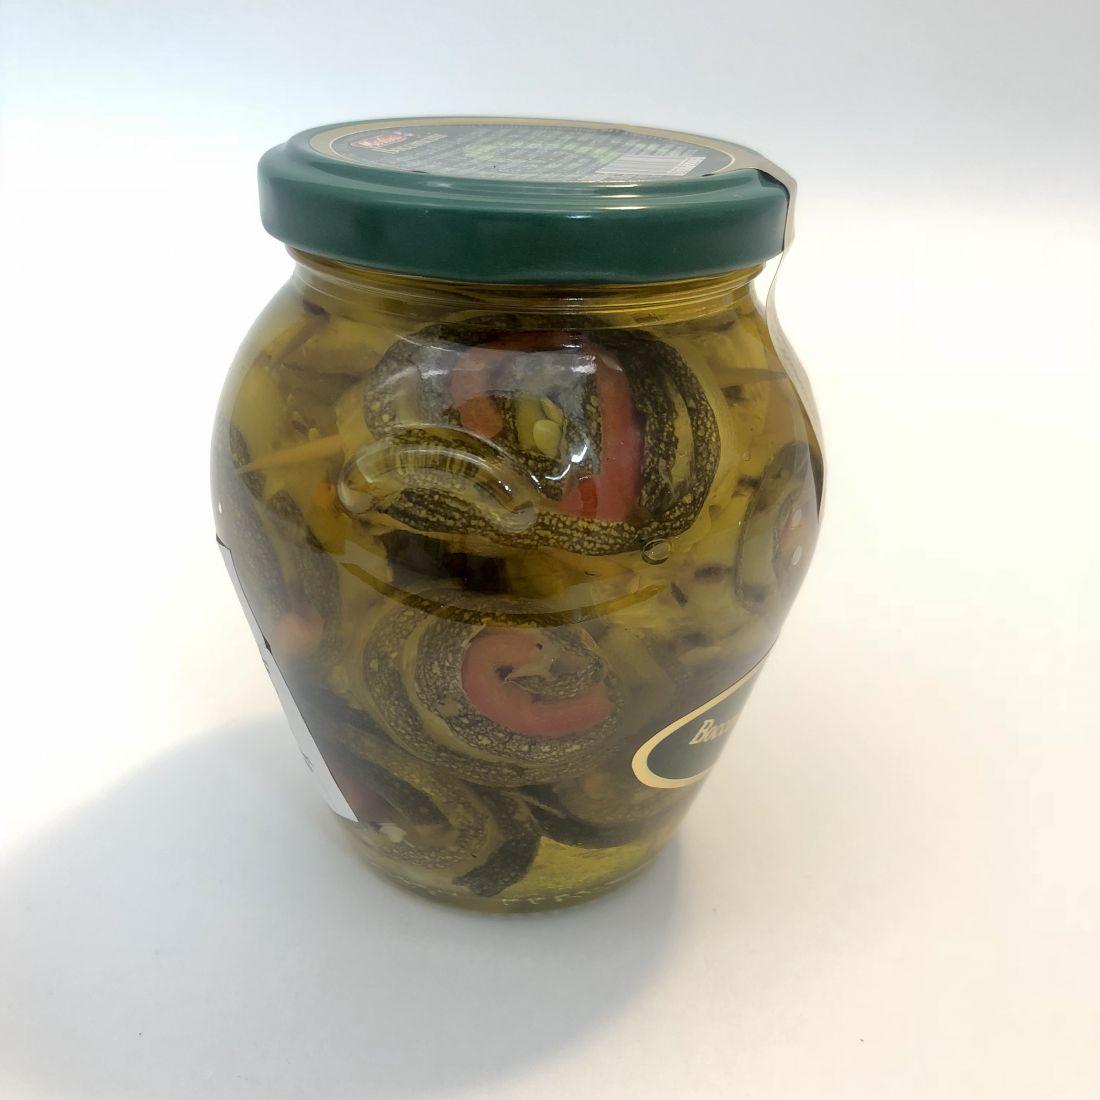 Рулончики из овощей-гриль в амфоре - 280 гр